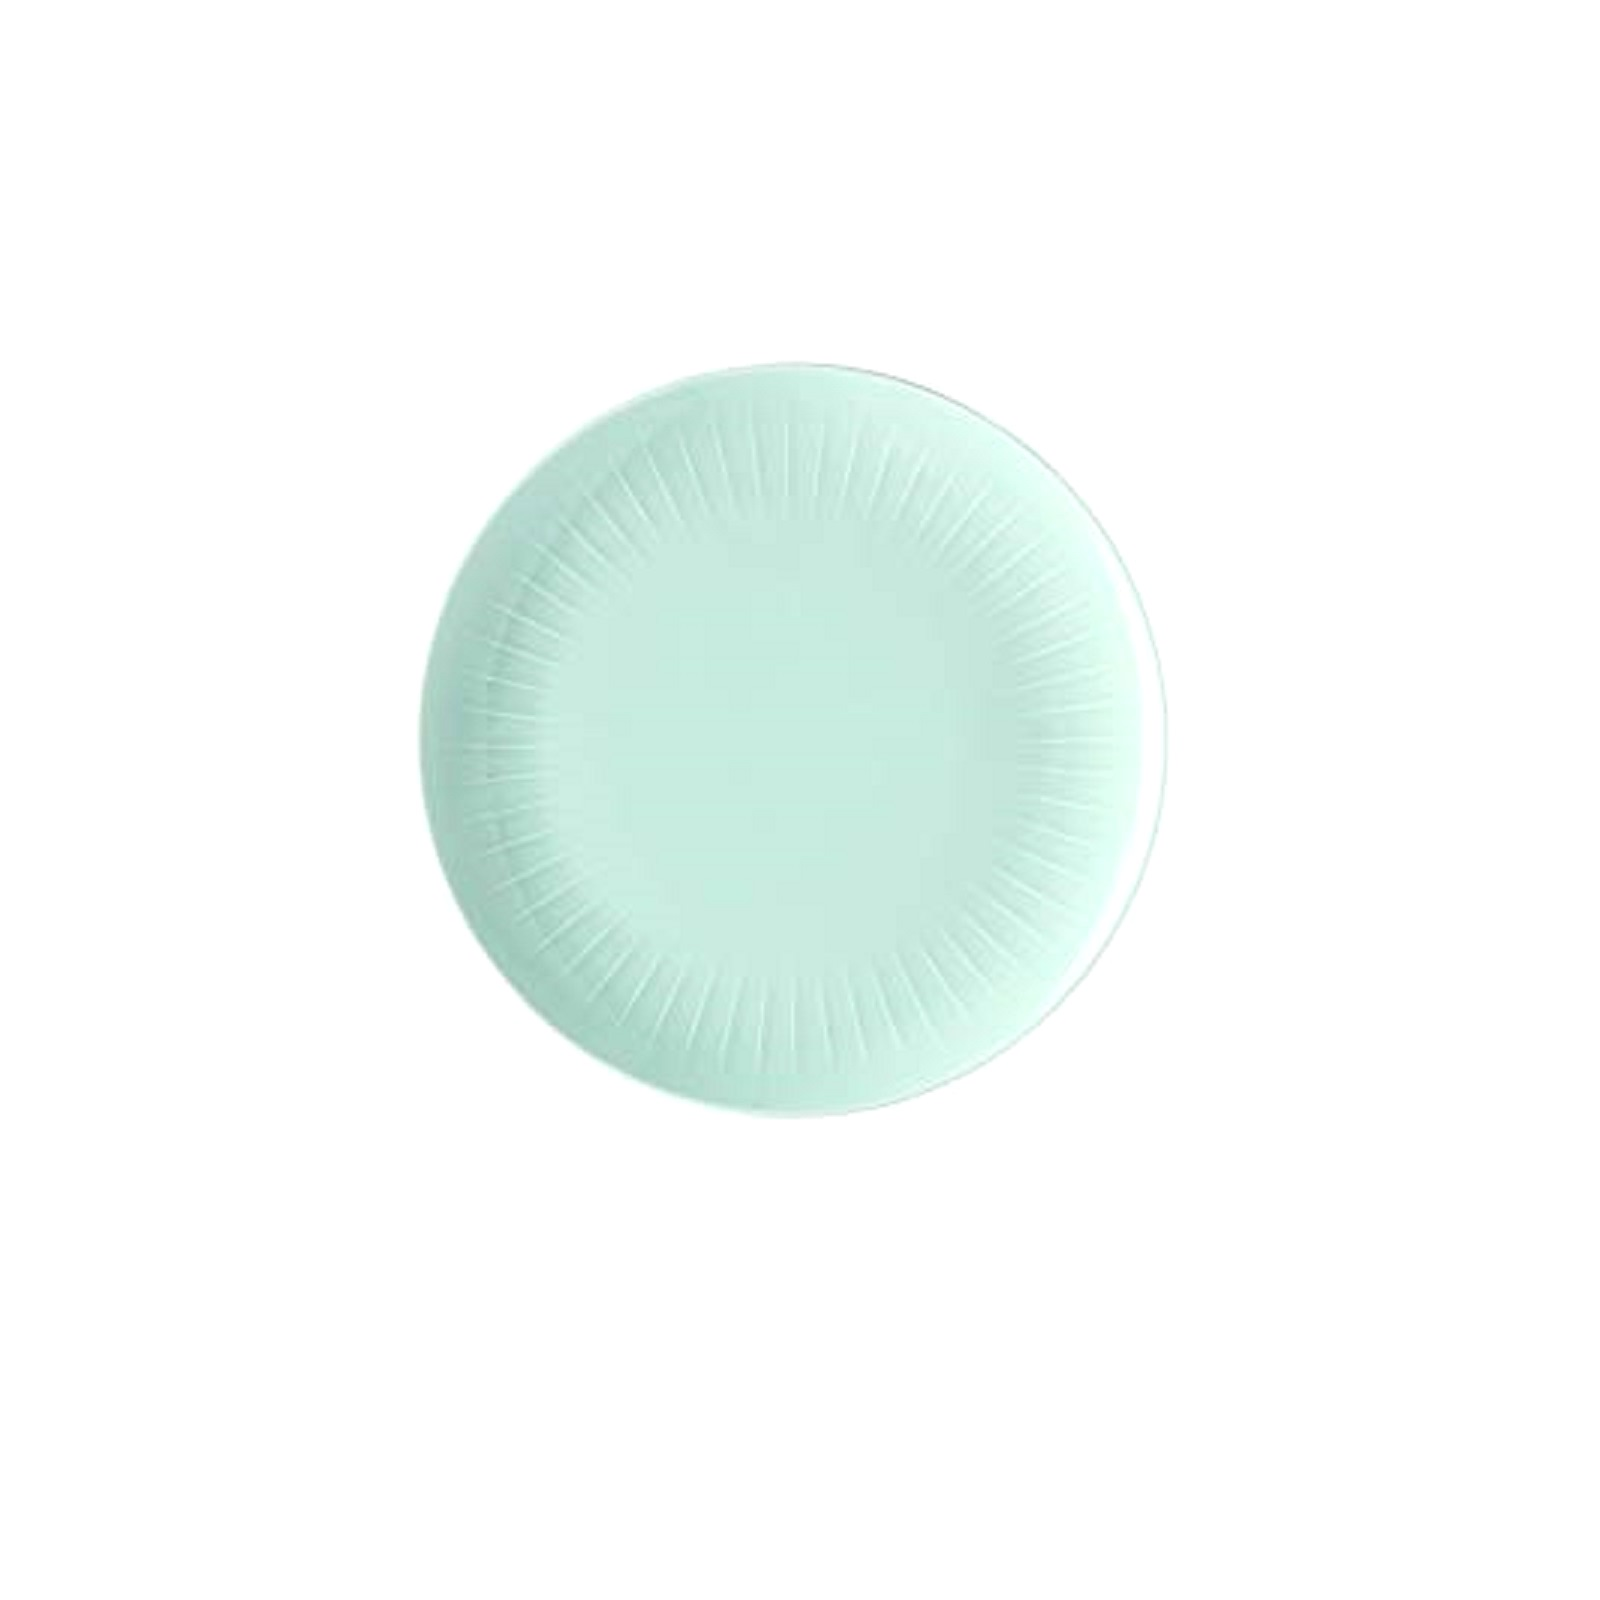 Набор посуды столовой Arzberg JOYN, ментоловый, 12 предметов Arzberg 44020-640206-28650 фото 3